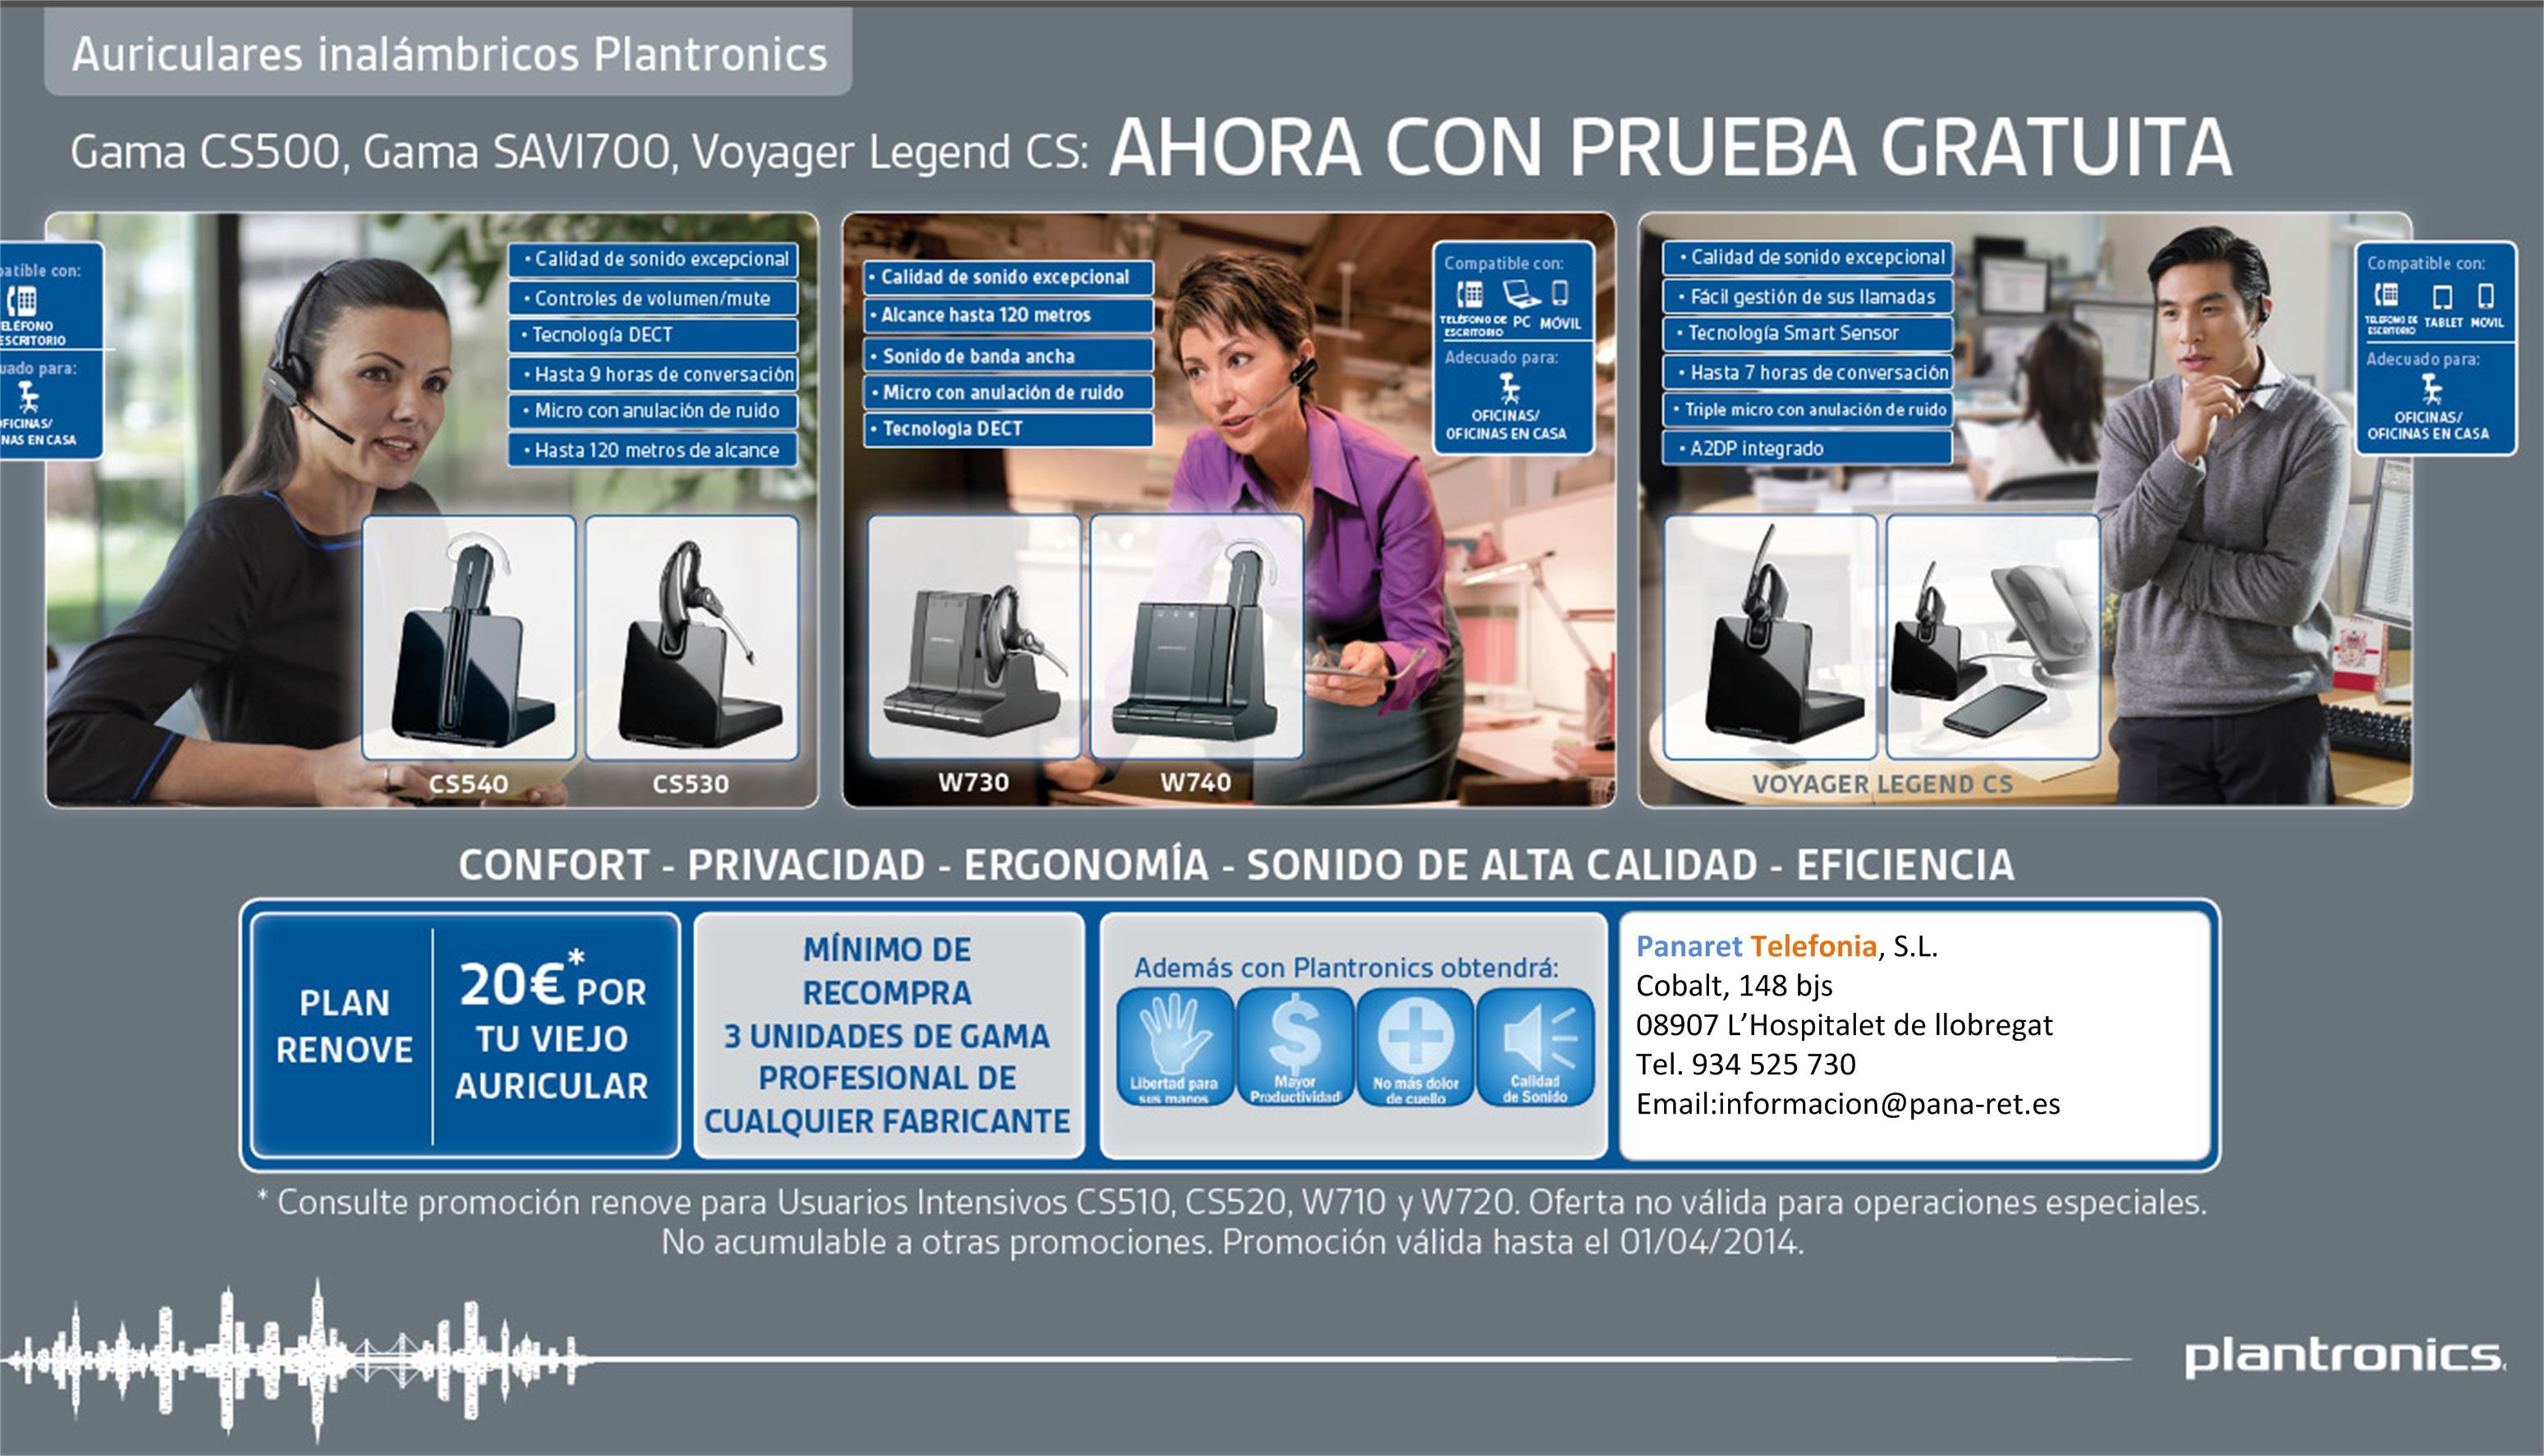 Campaña Plantronics diciembre 2013